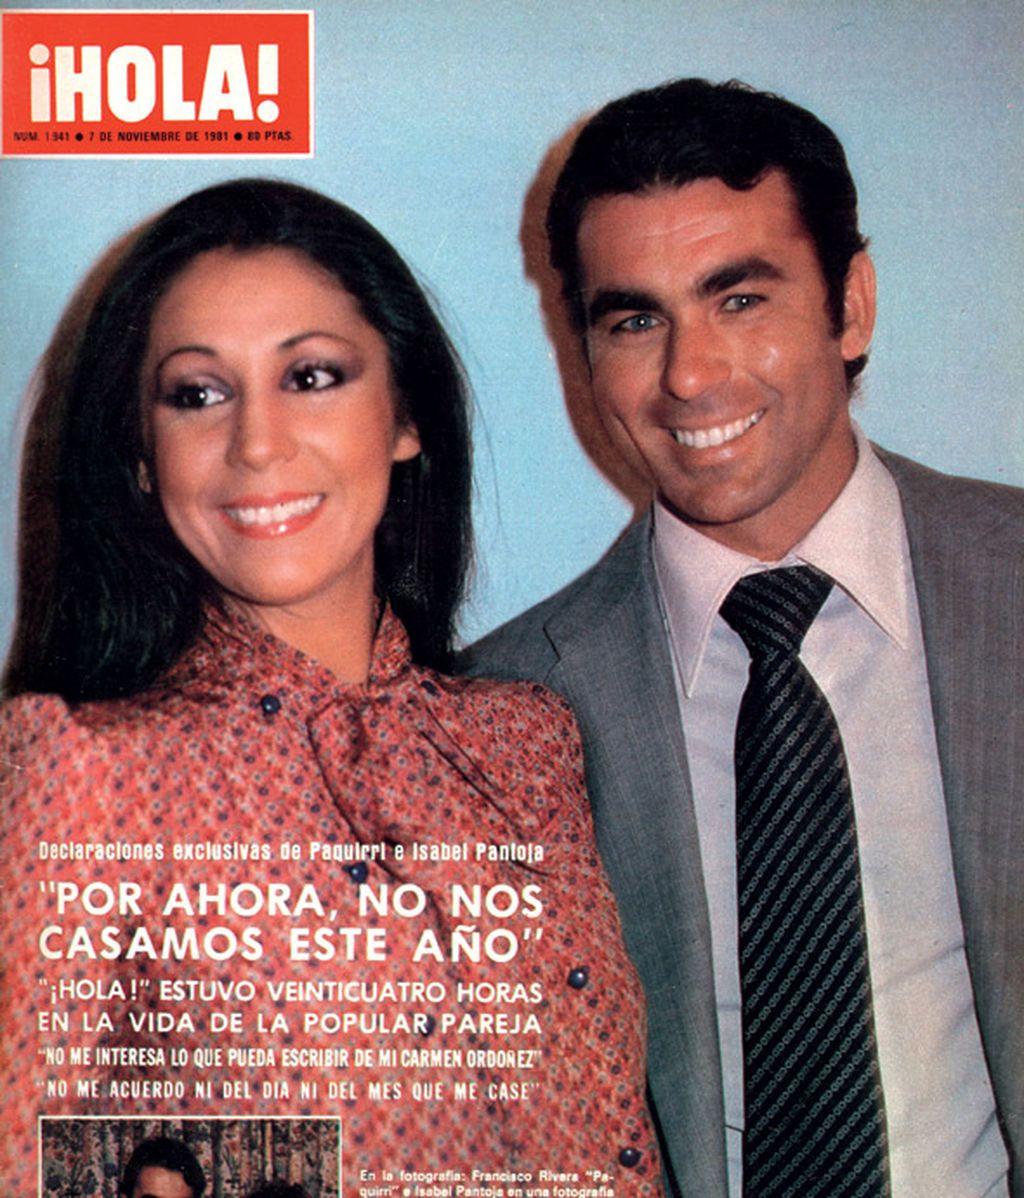 Isabel Pantoja y Paquirri, portada de revista en noviembre de 1981